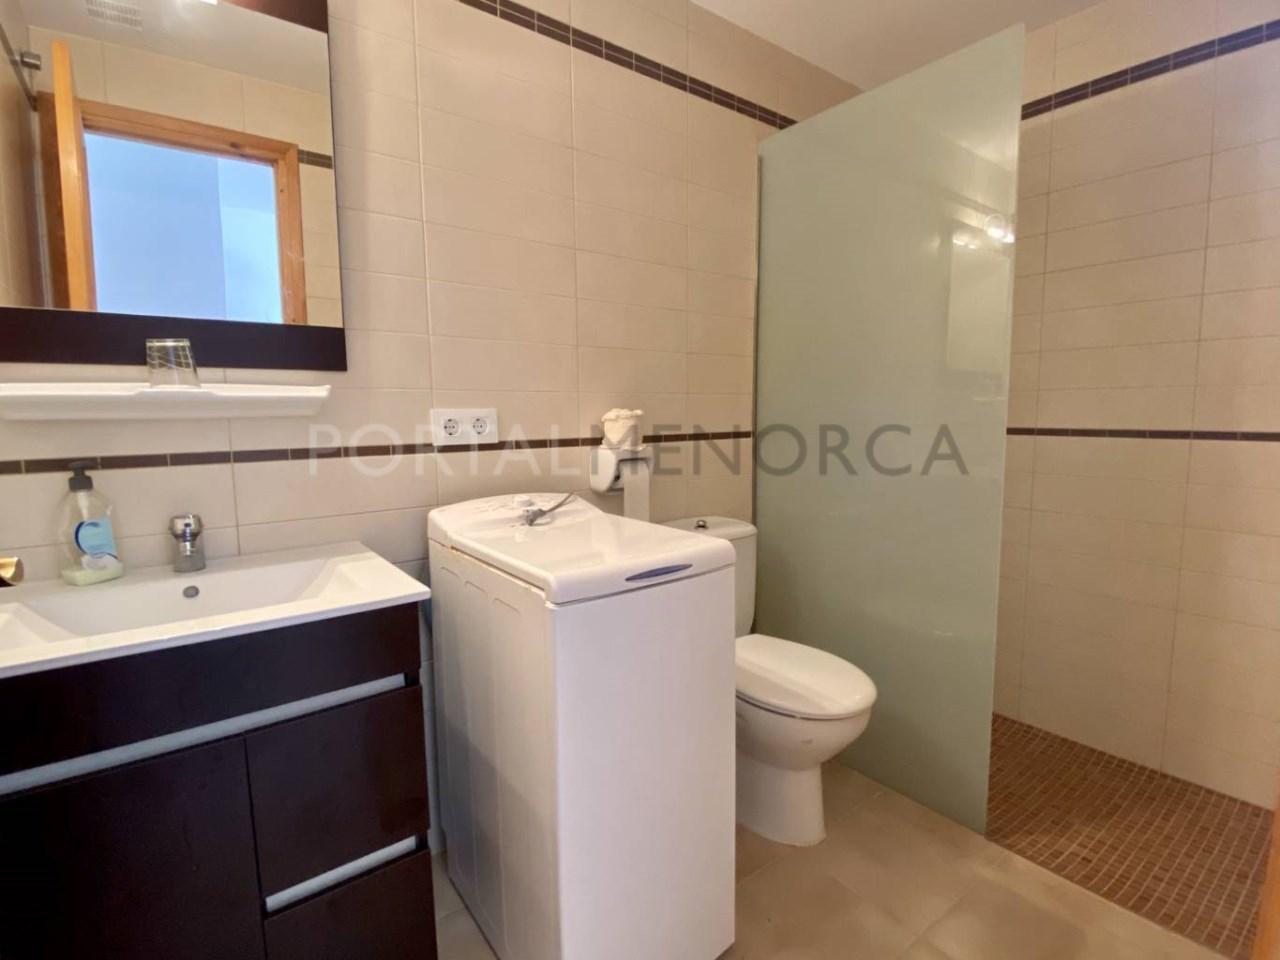 Apartamento en venta en Calan Blanes baño FM